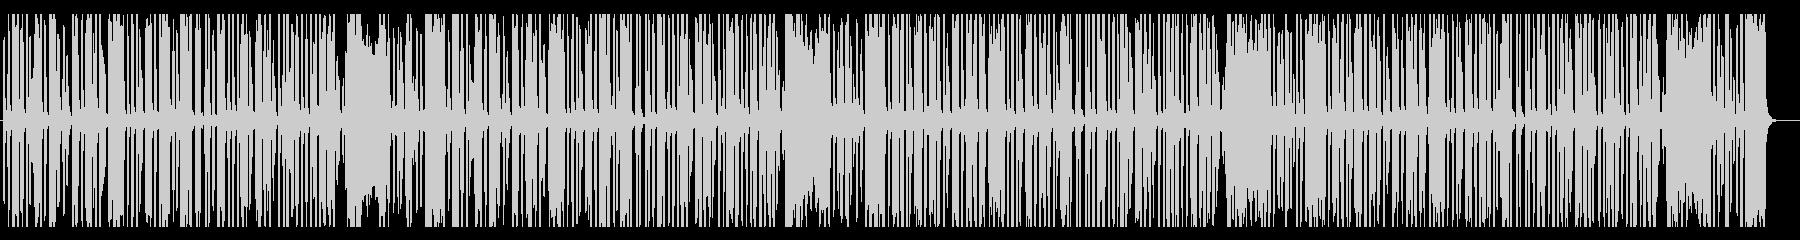 ほのぼの・あたたかいリコーダー曲の未再生の波形